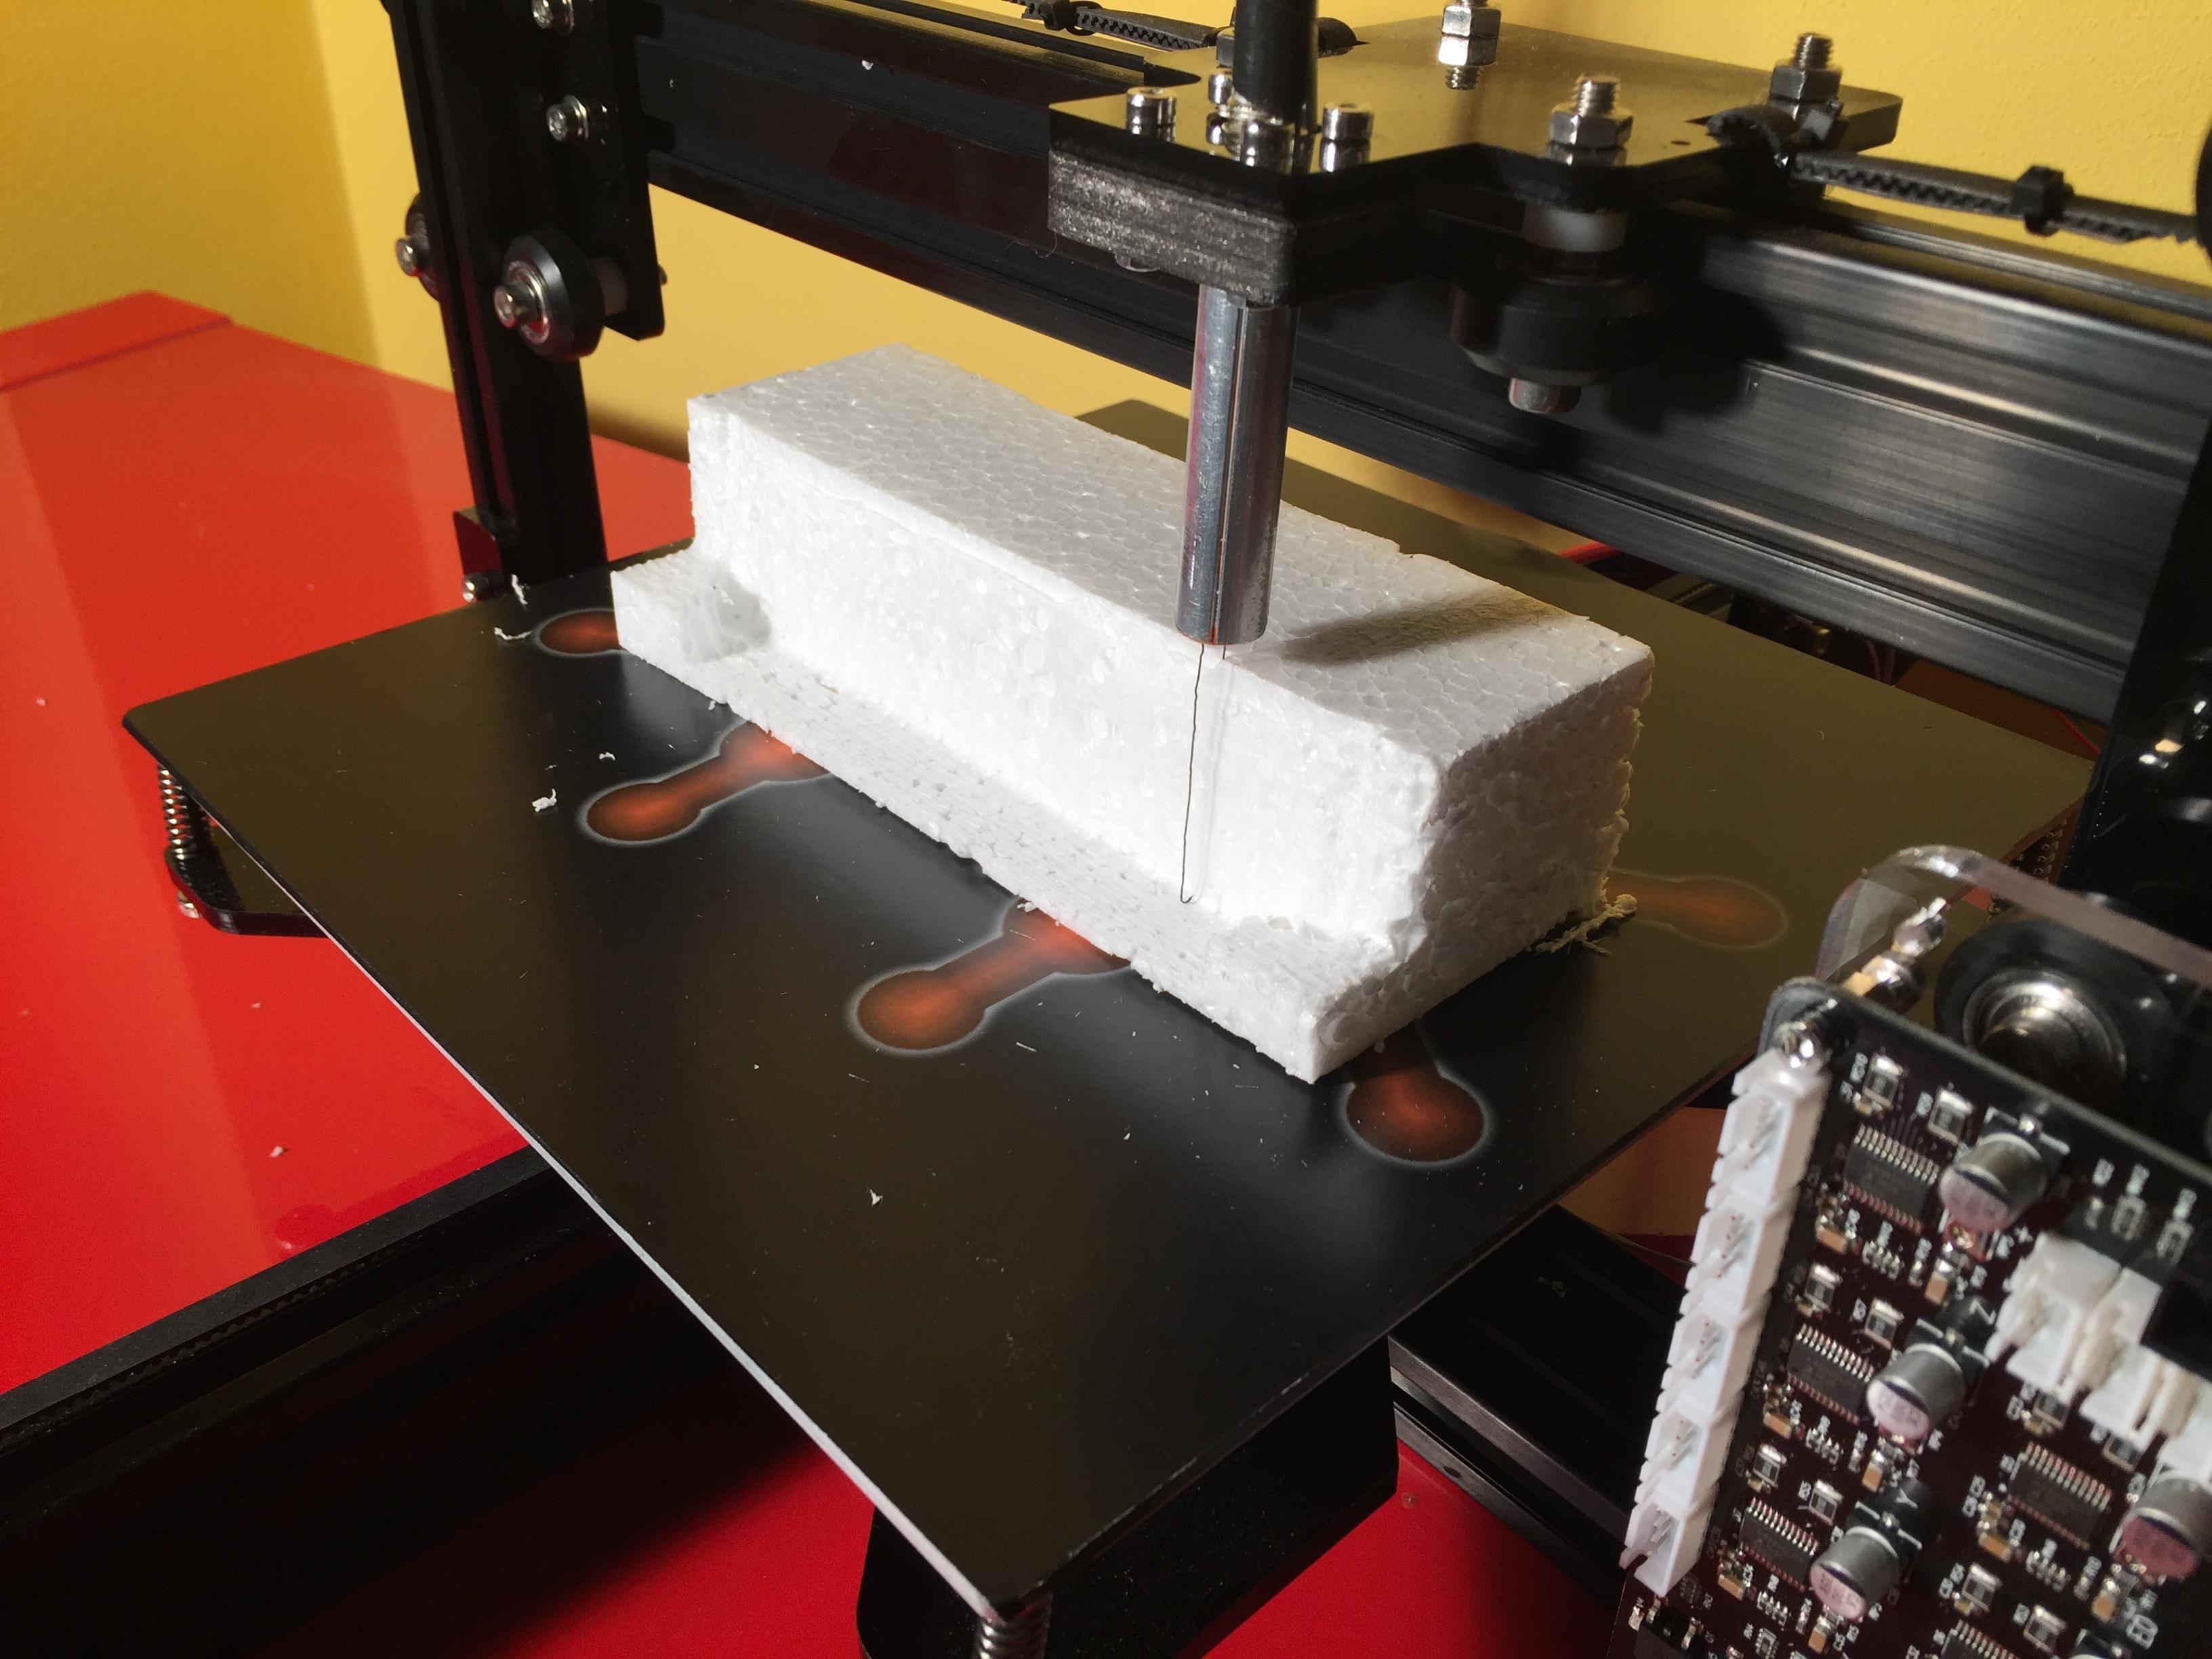 PolyShaper: taglio e modellazione 3D del polistirolo